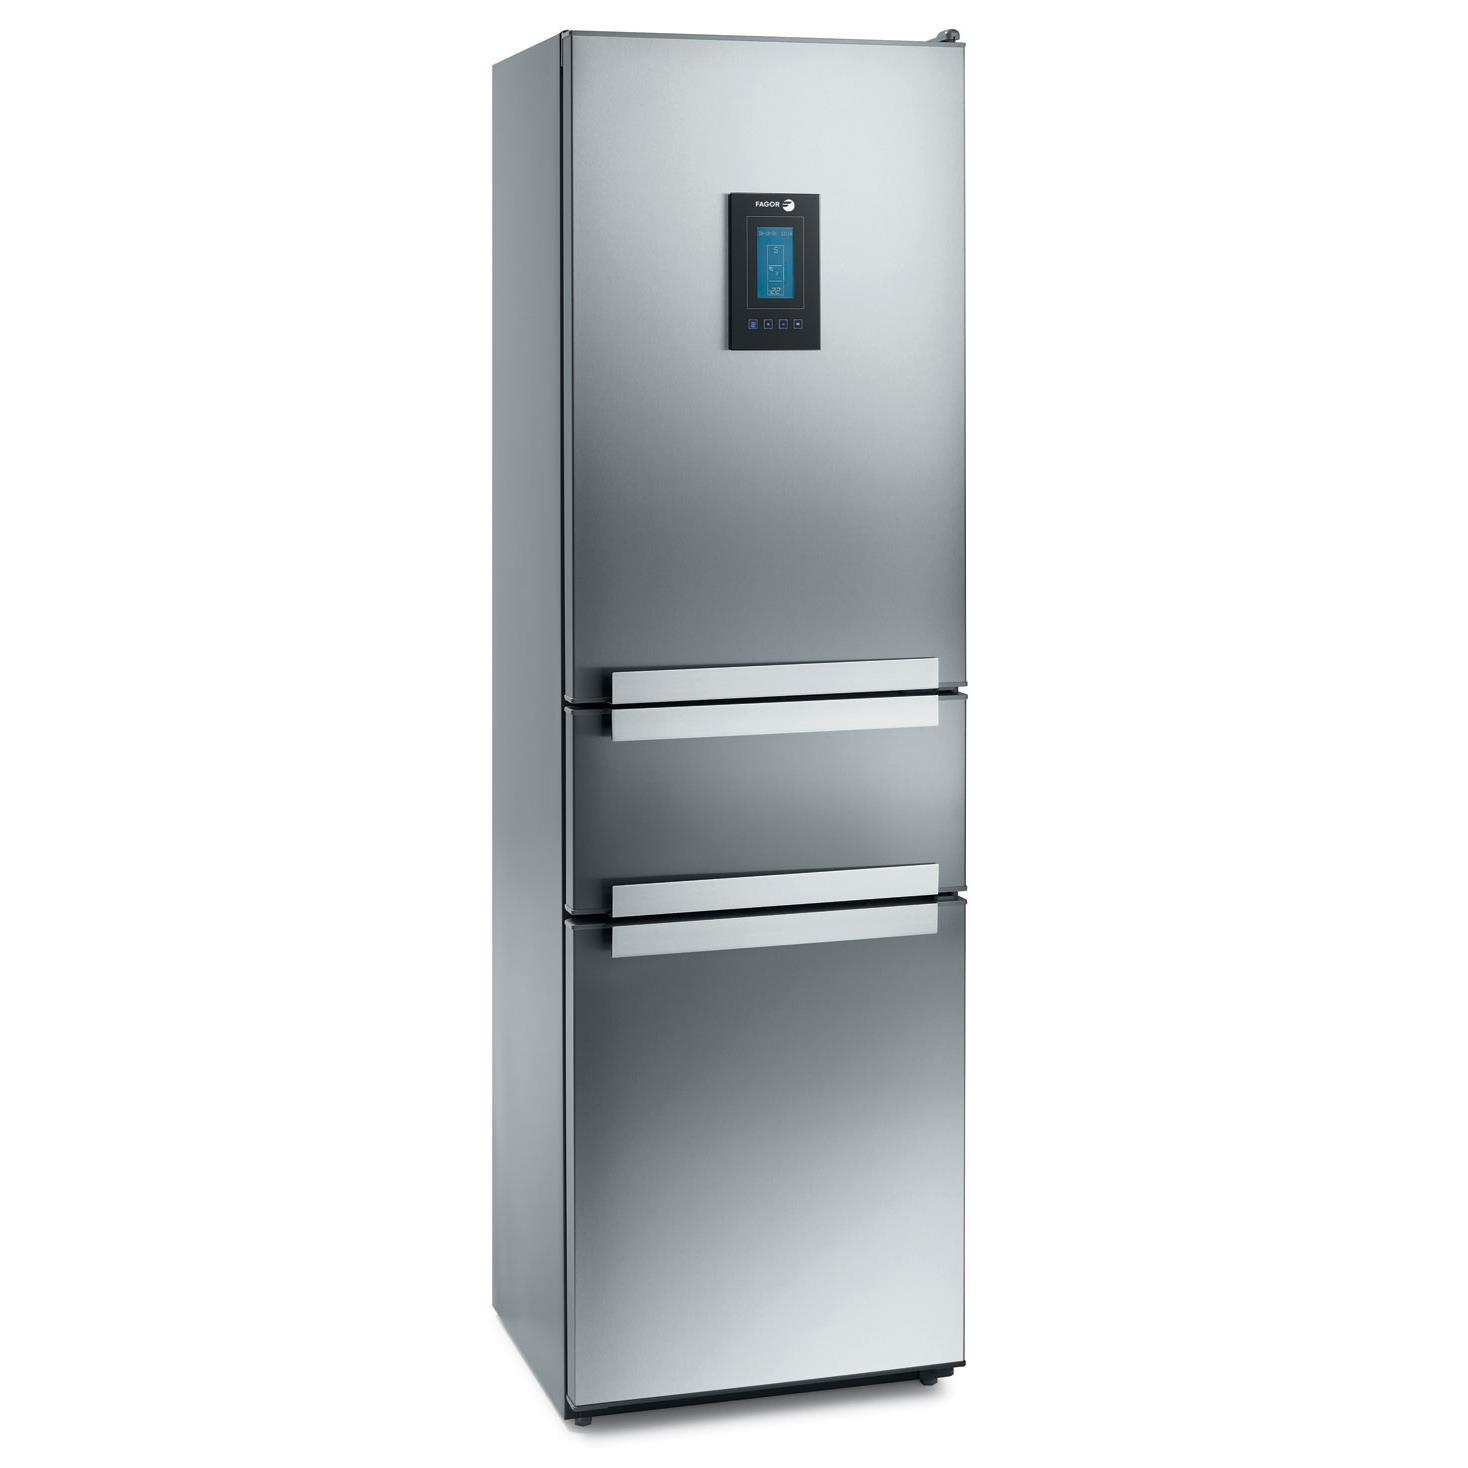 Tủ lạnh 3 cánh cửa Fagor FFJ-8865X